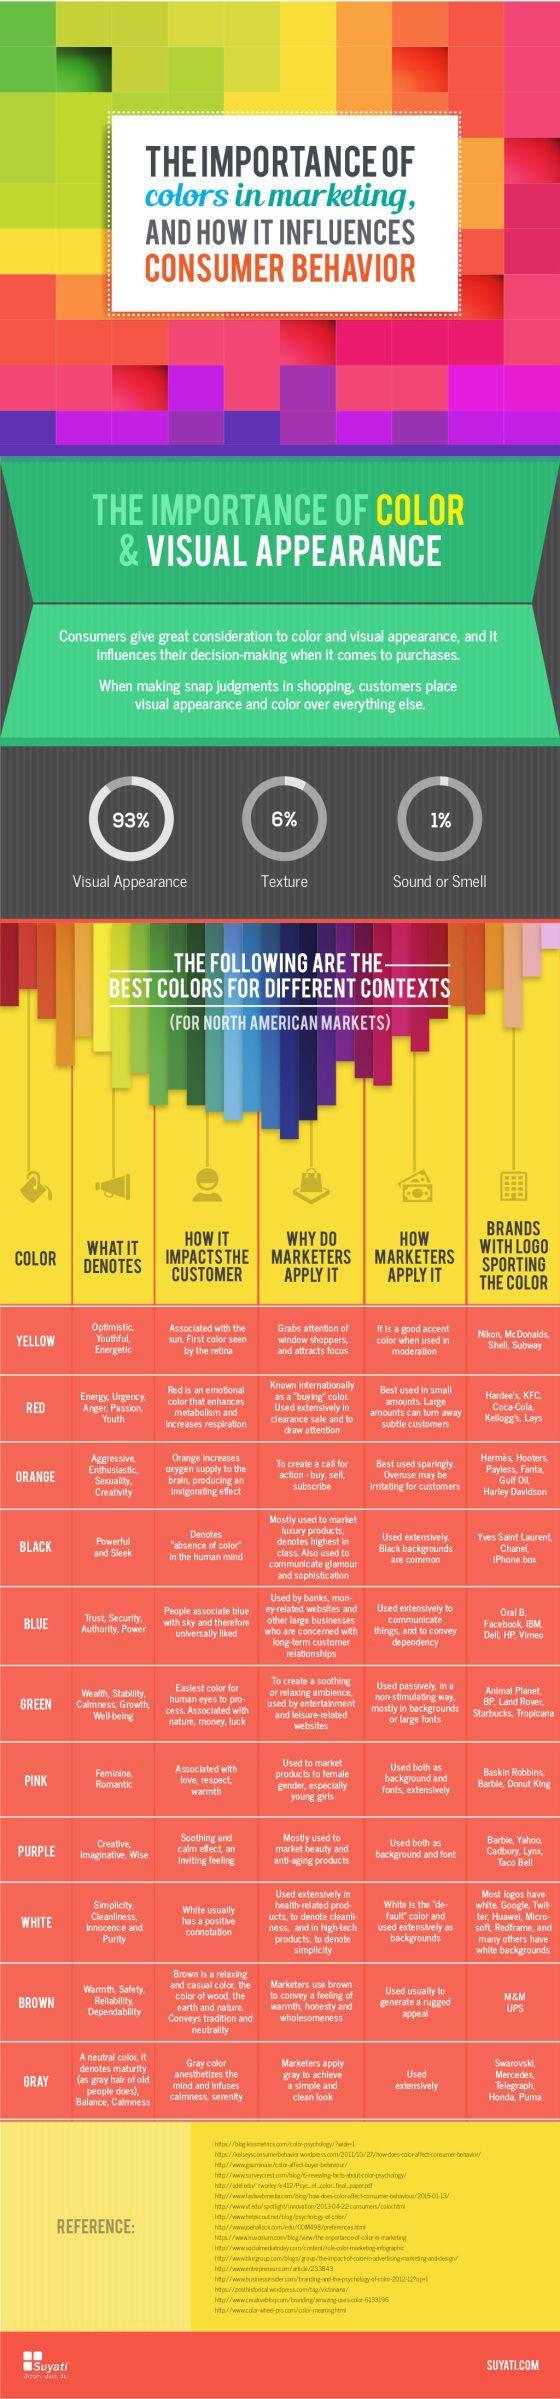 El color en Marketing y cómo afecta las decisiones de los clientes